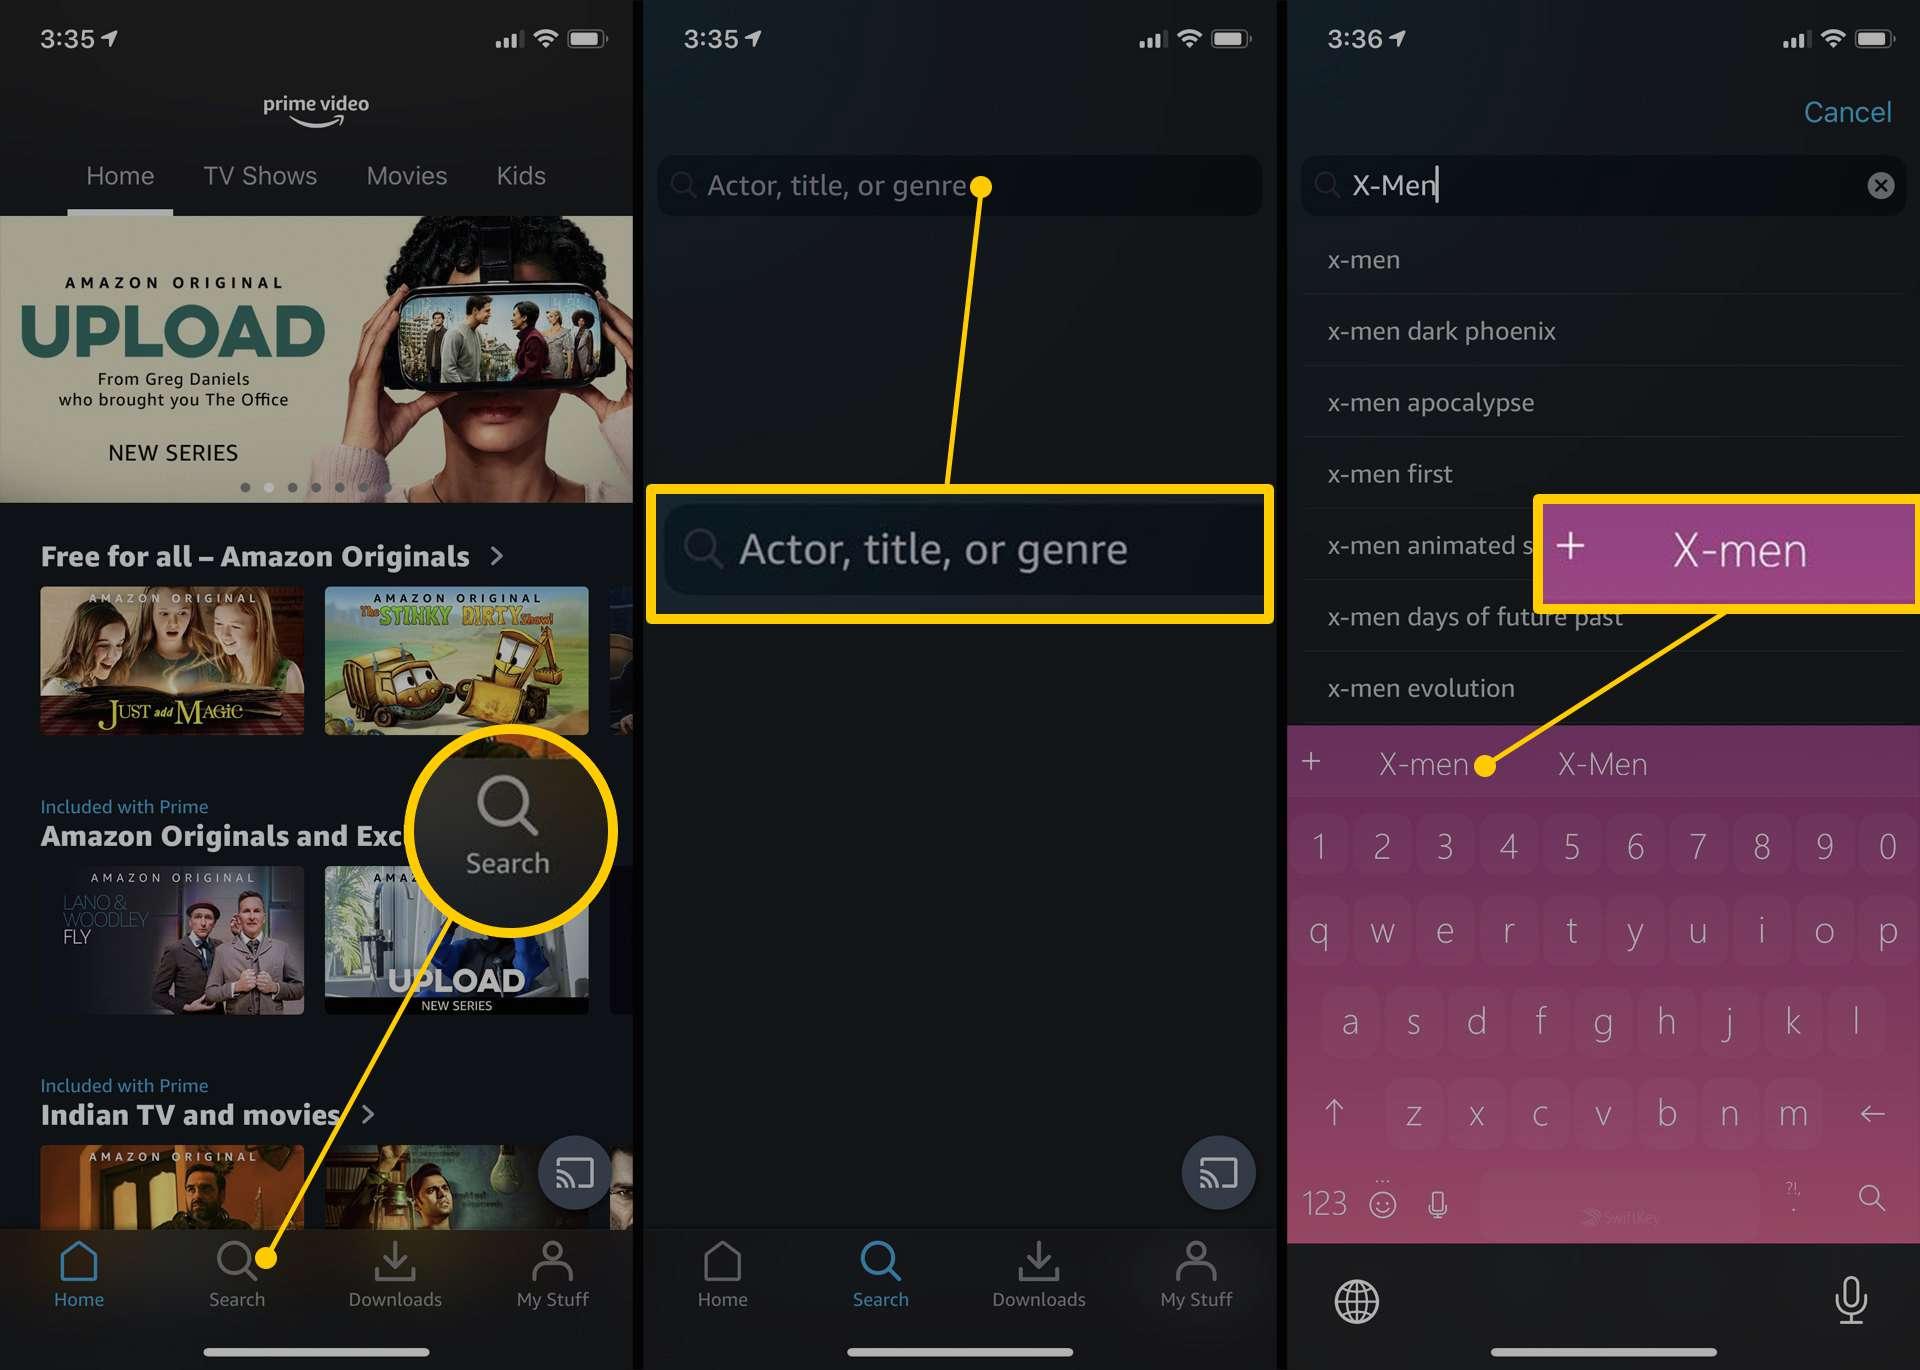 Amazon Prime Video app on iPhone.